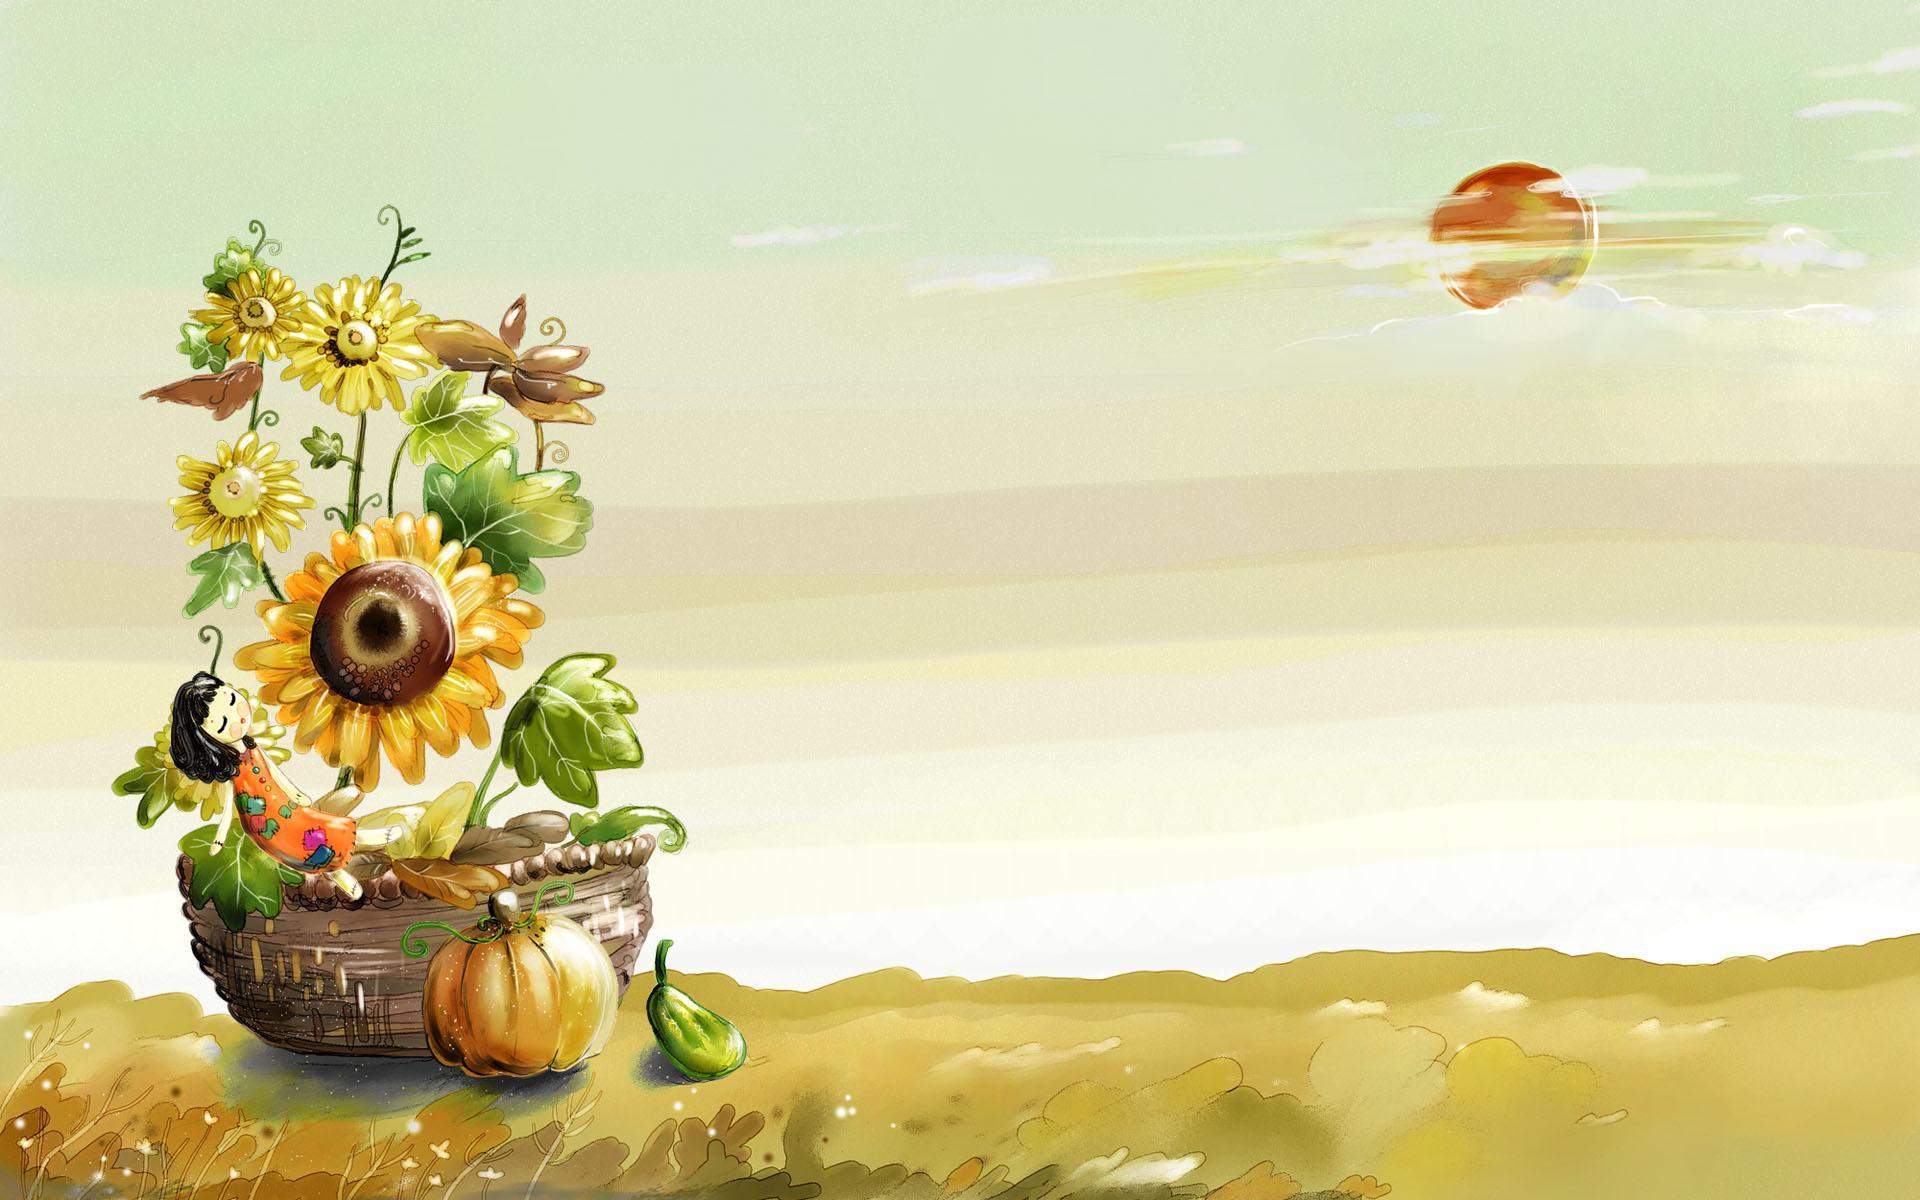 美丽童话风景手绘宽屏壁纸